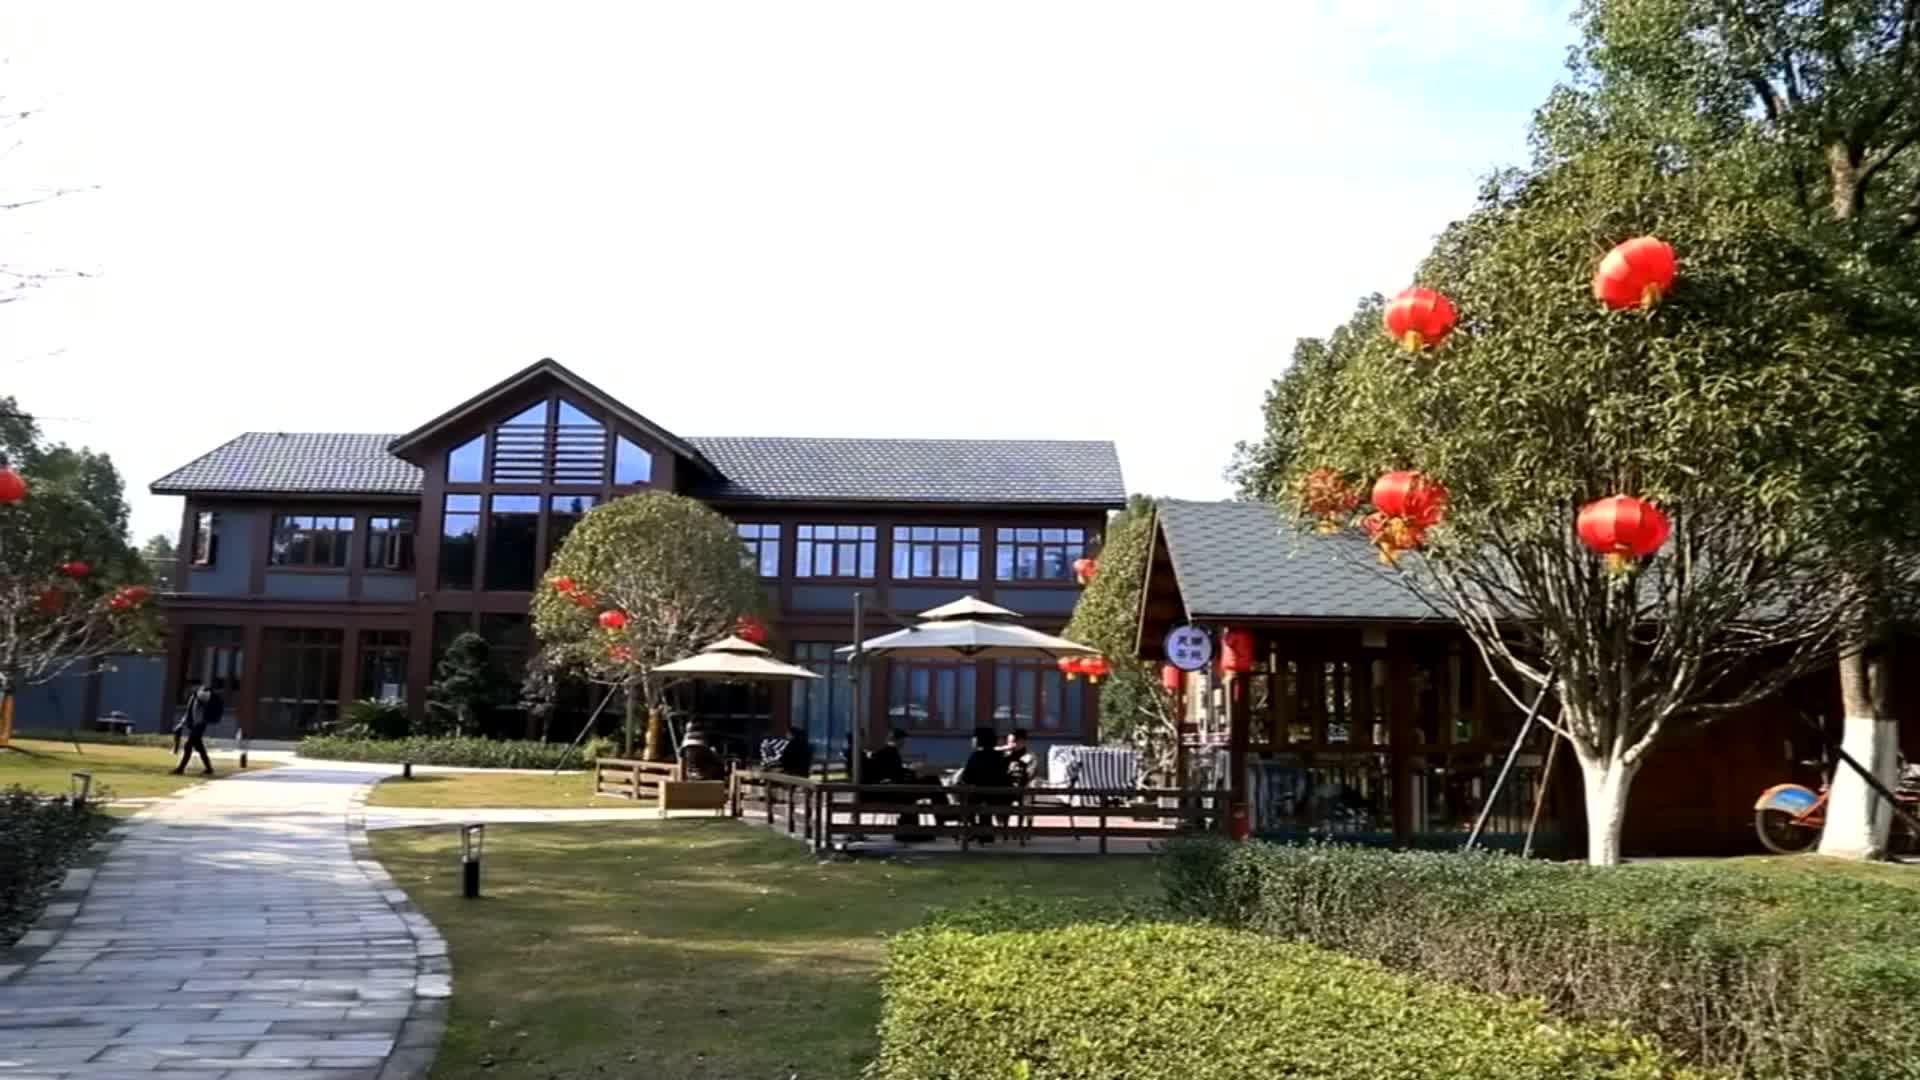 Gaya Jepang Rumah Kayu Prefab/Vila Kayu Prefab/Hotel Kayu Prefab untuk Dijual